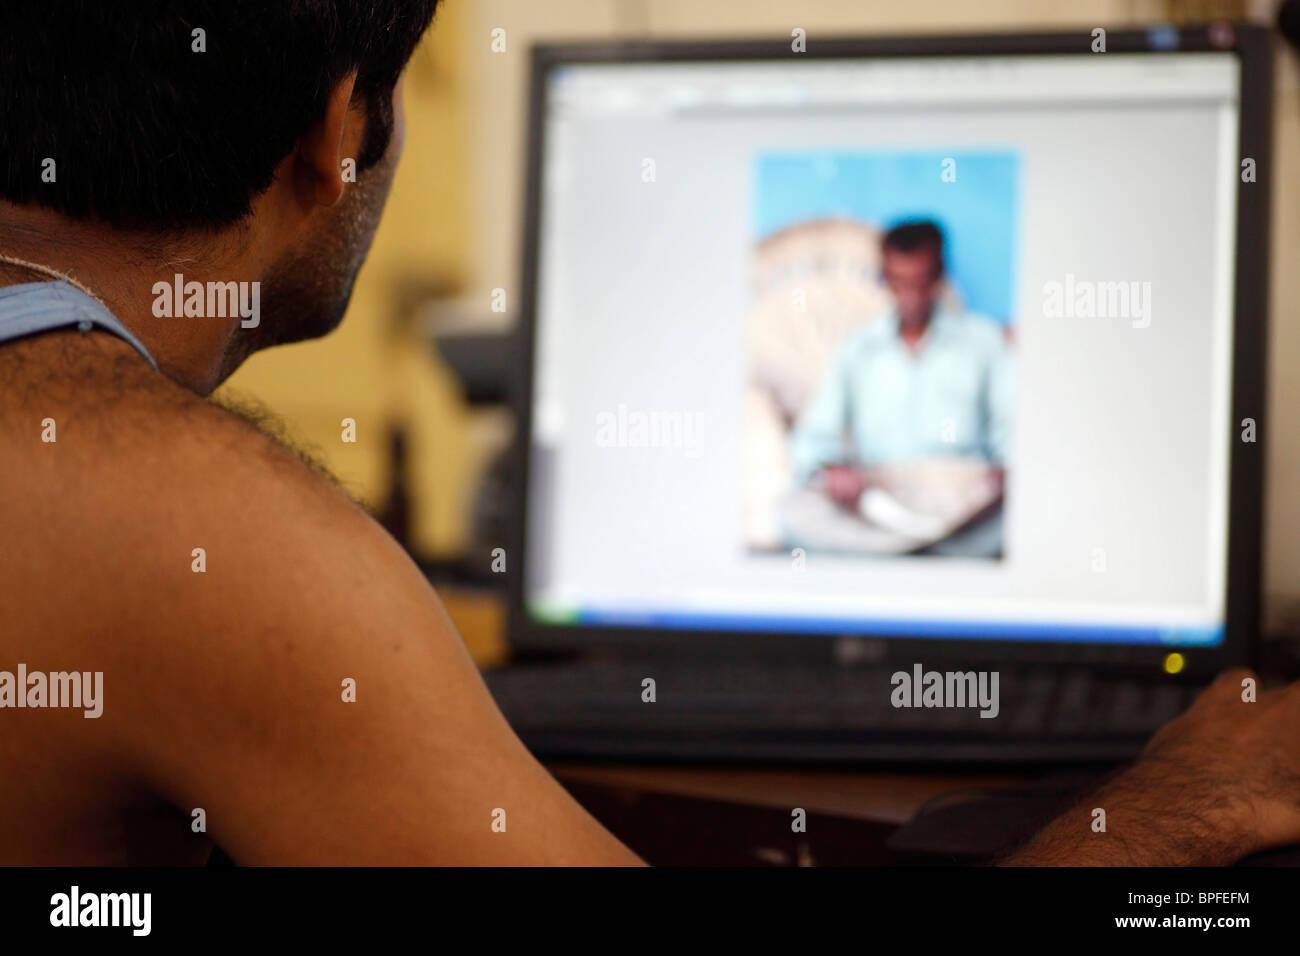 Einen Fotografen überwacht seine digitale Bildverarbeitung. Stockbild